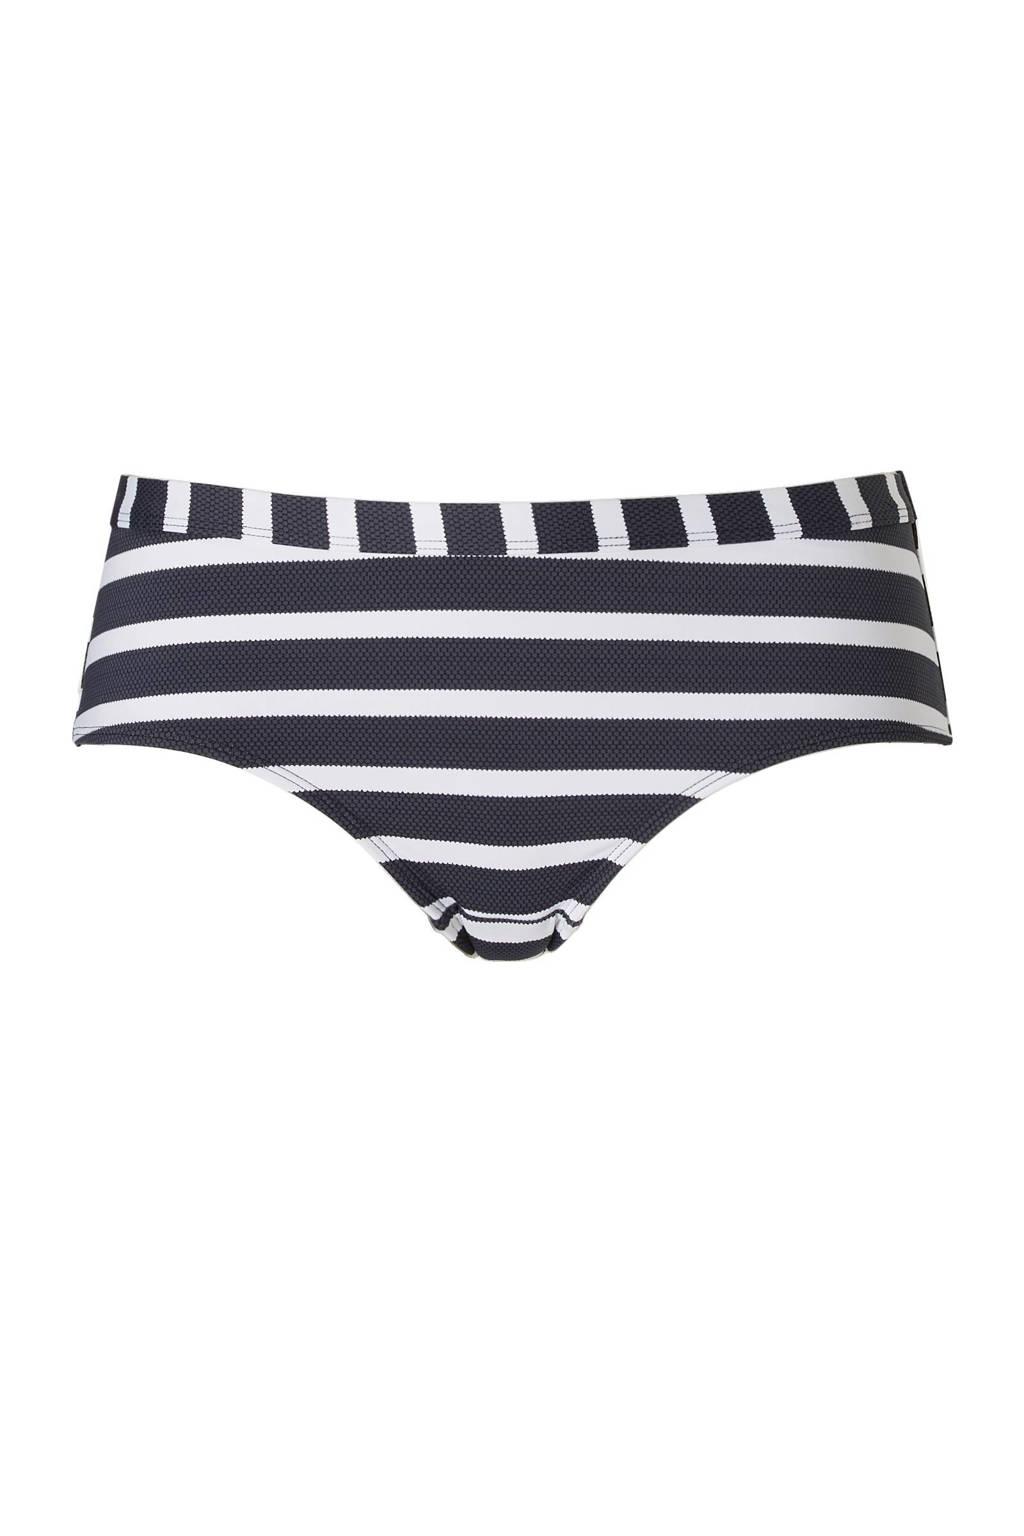 ESPRIT Women Beach Mix & Match hipster bikinibroekje, Grijs / ecru / zwart